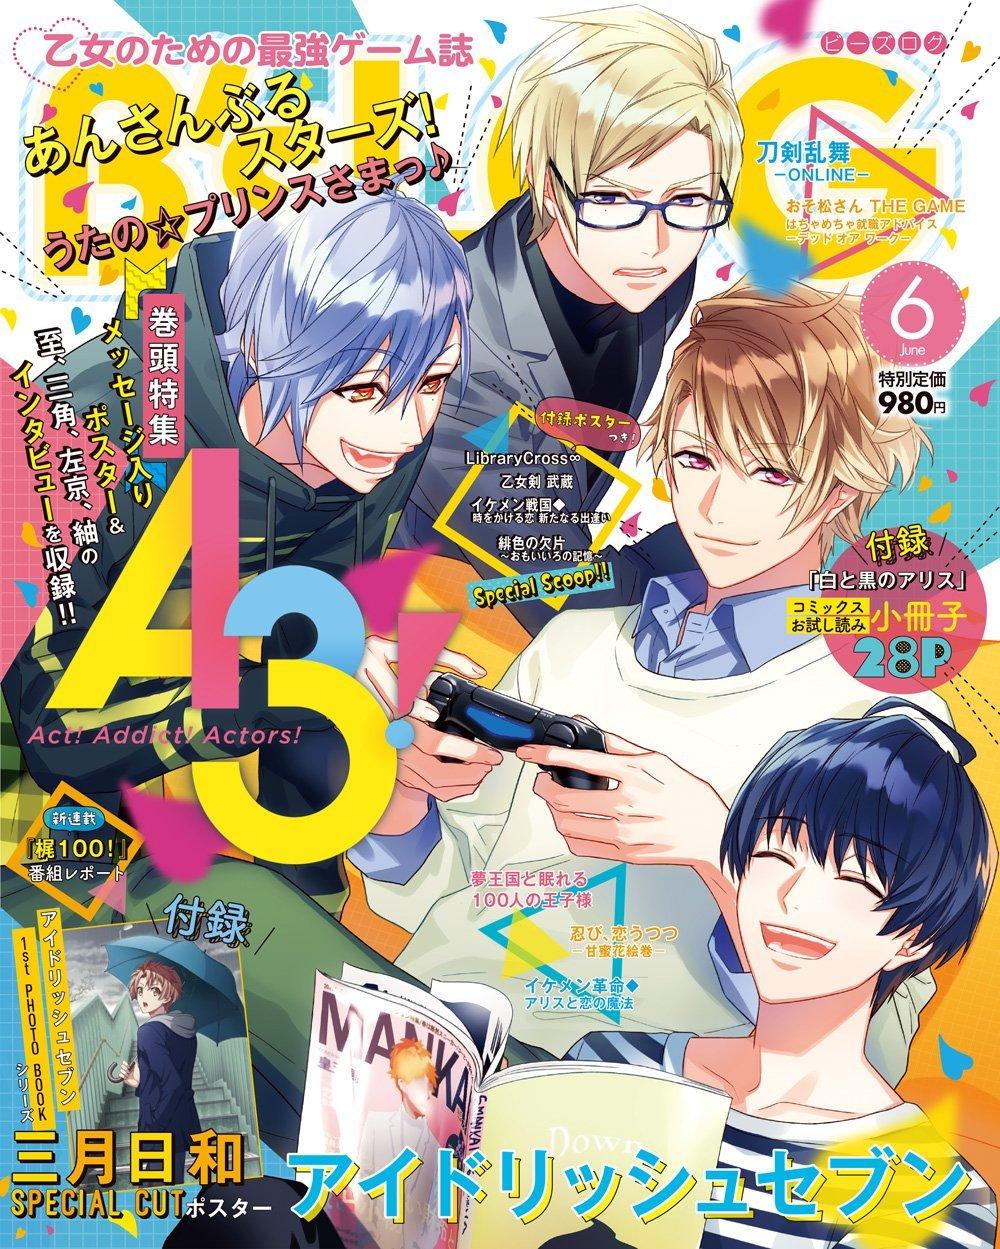 B's-LOG Issue 169 (June 2017)